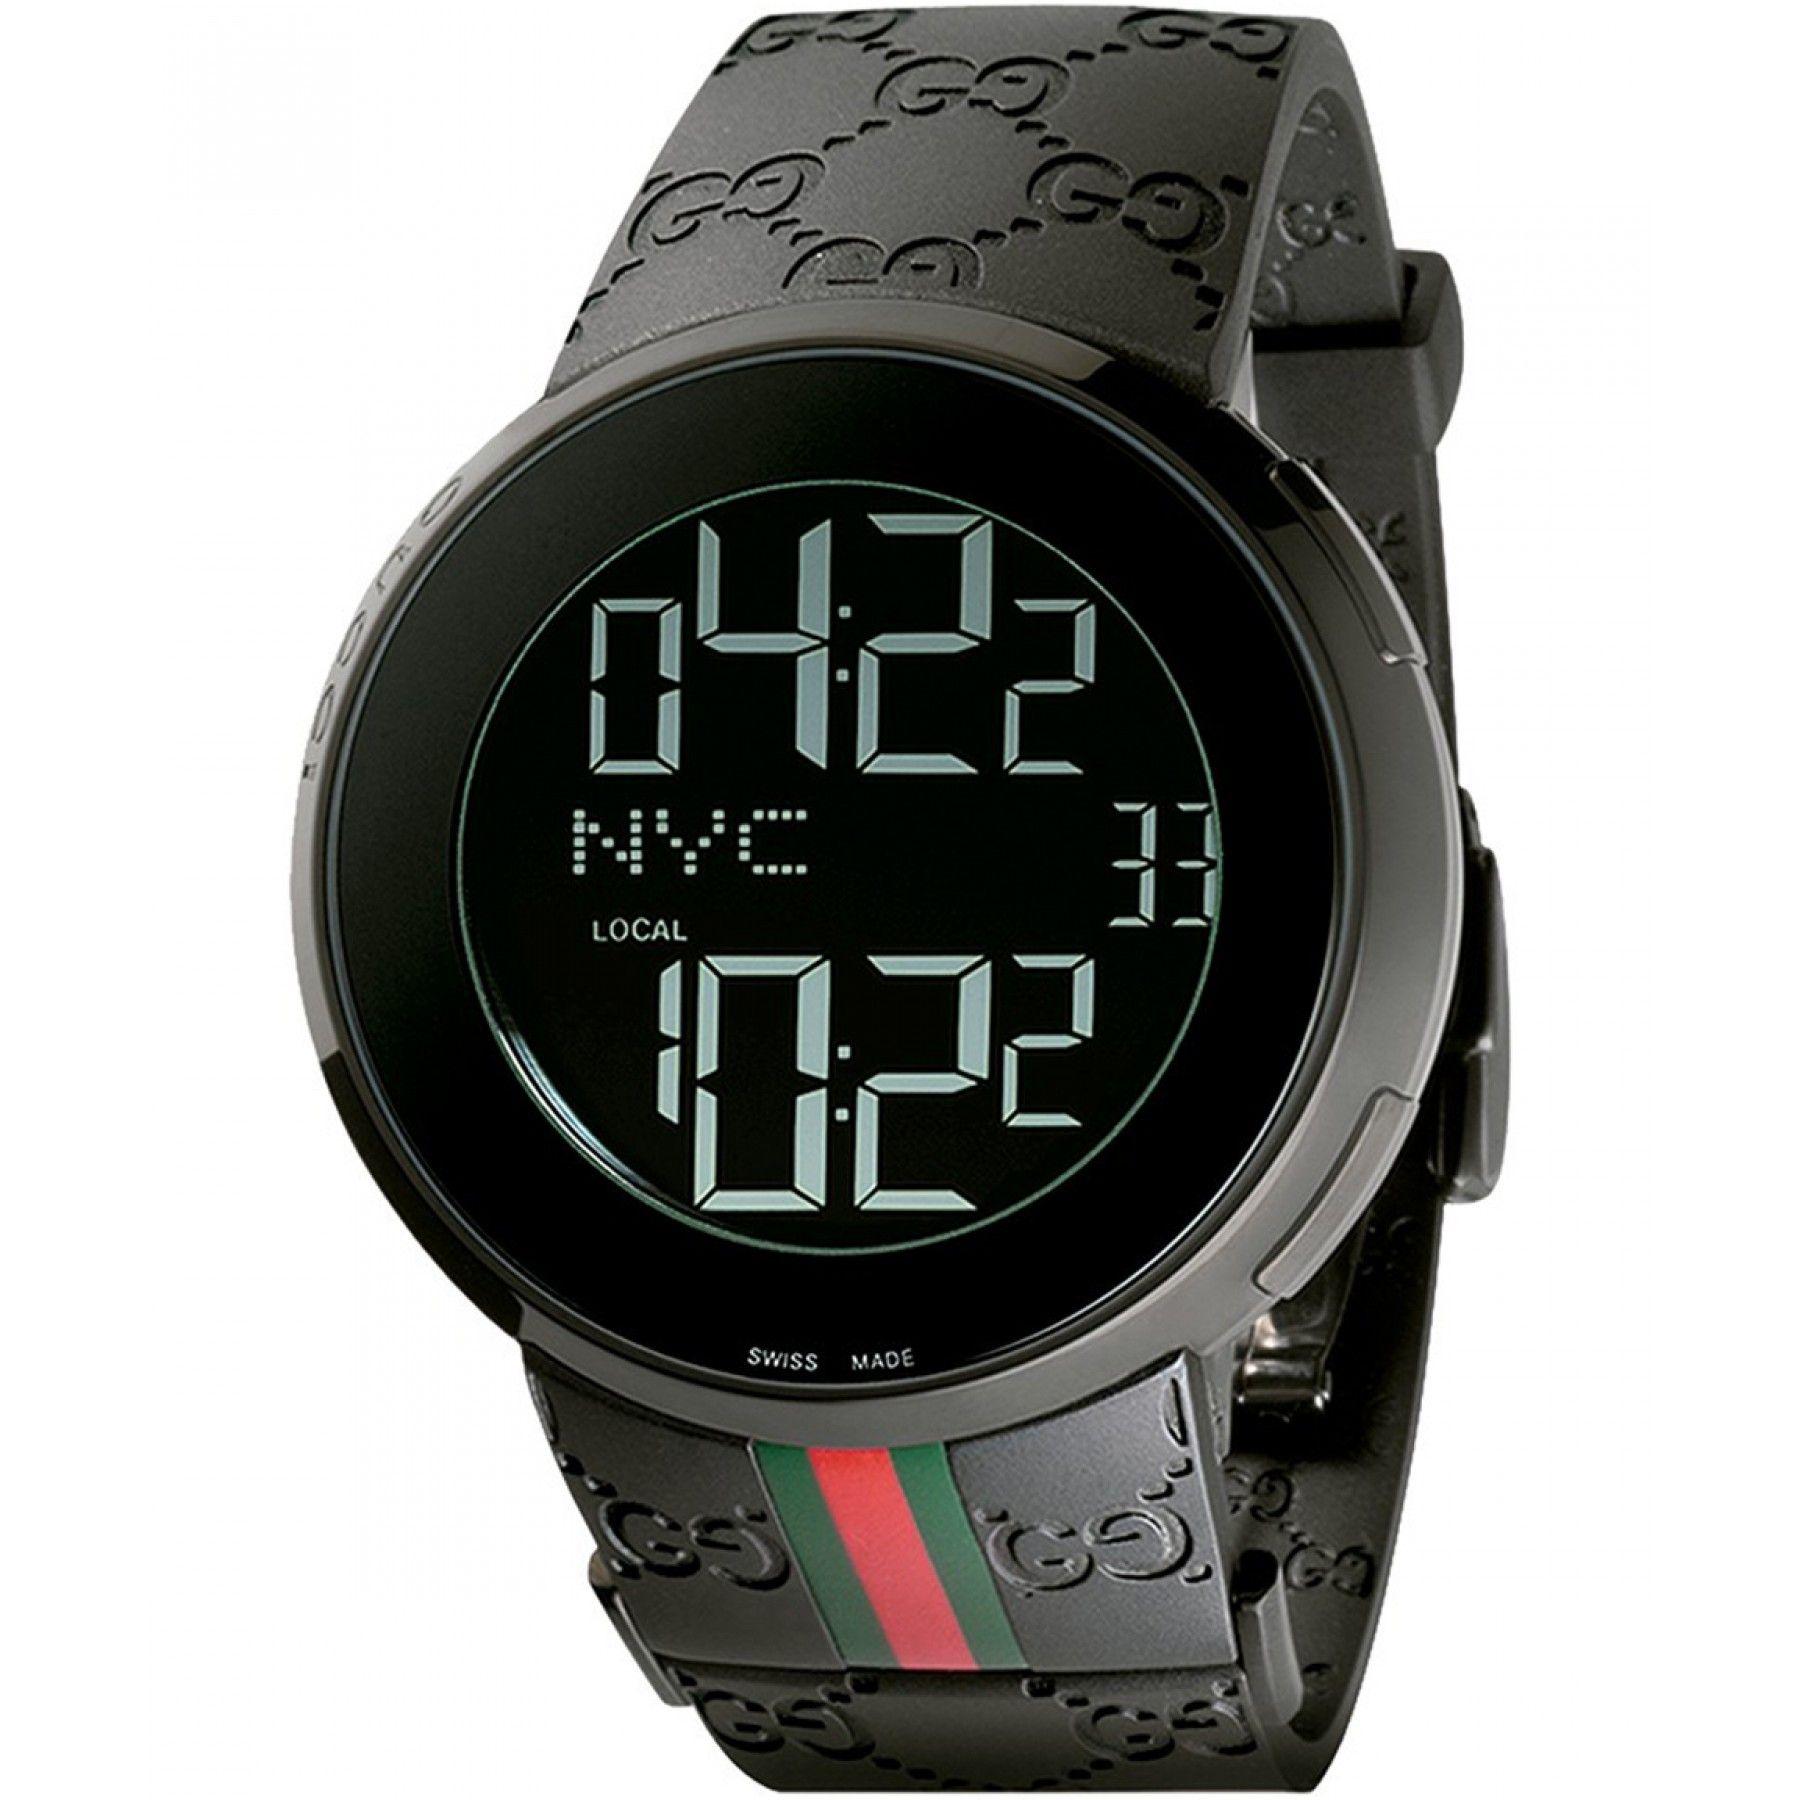 f7ec6f2924 Reloj de caja circular y bisel de PVD negro extensible de caucho con  logotipo GG en relieve carátula negra con doble uso horario y cristal de  zafiro ...